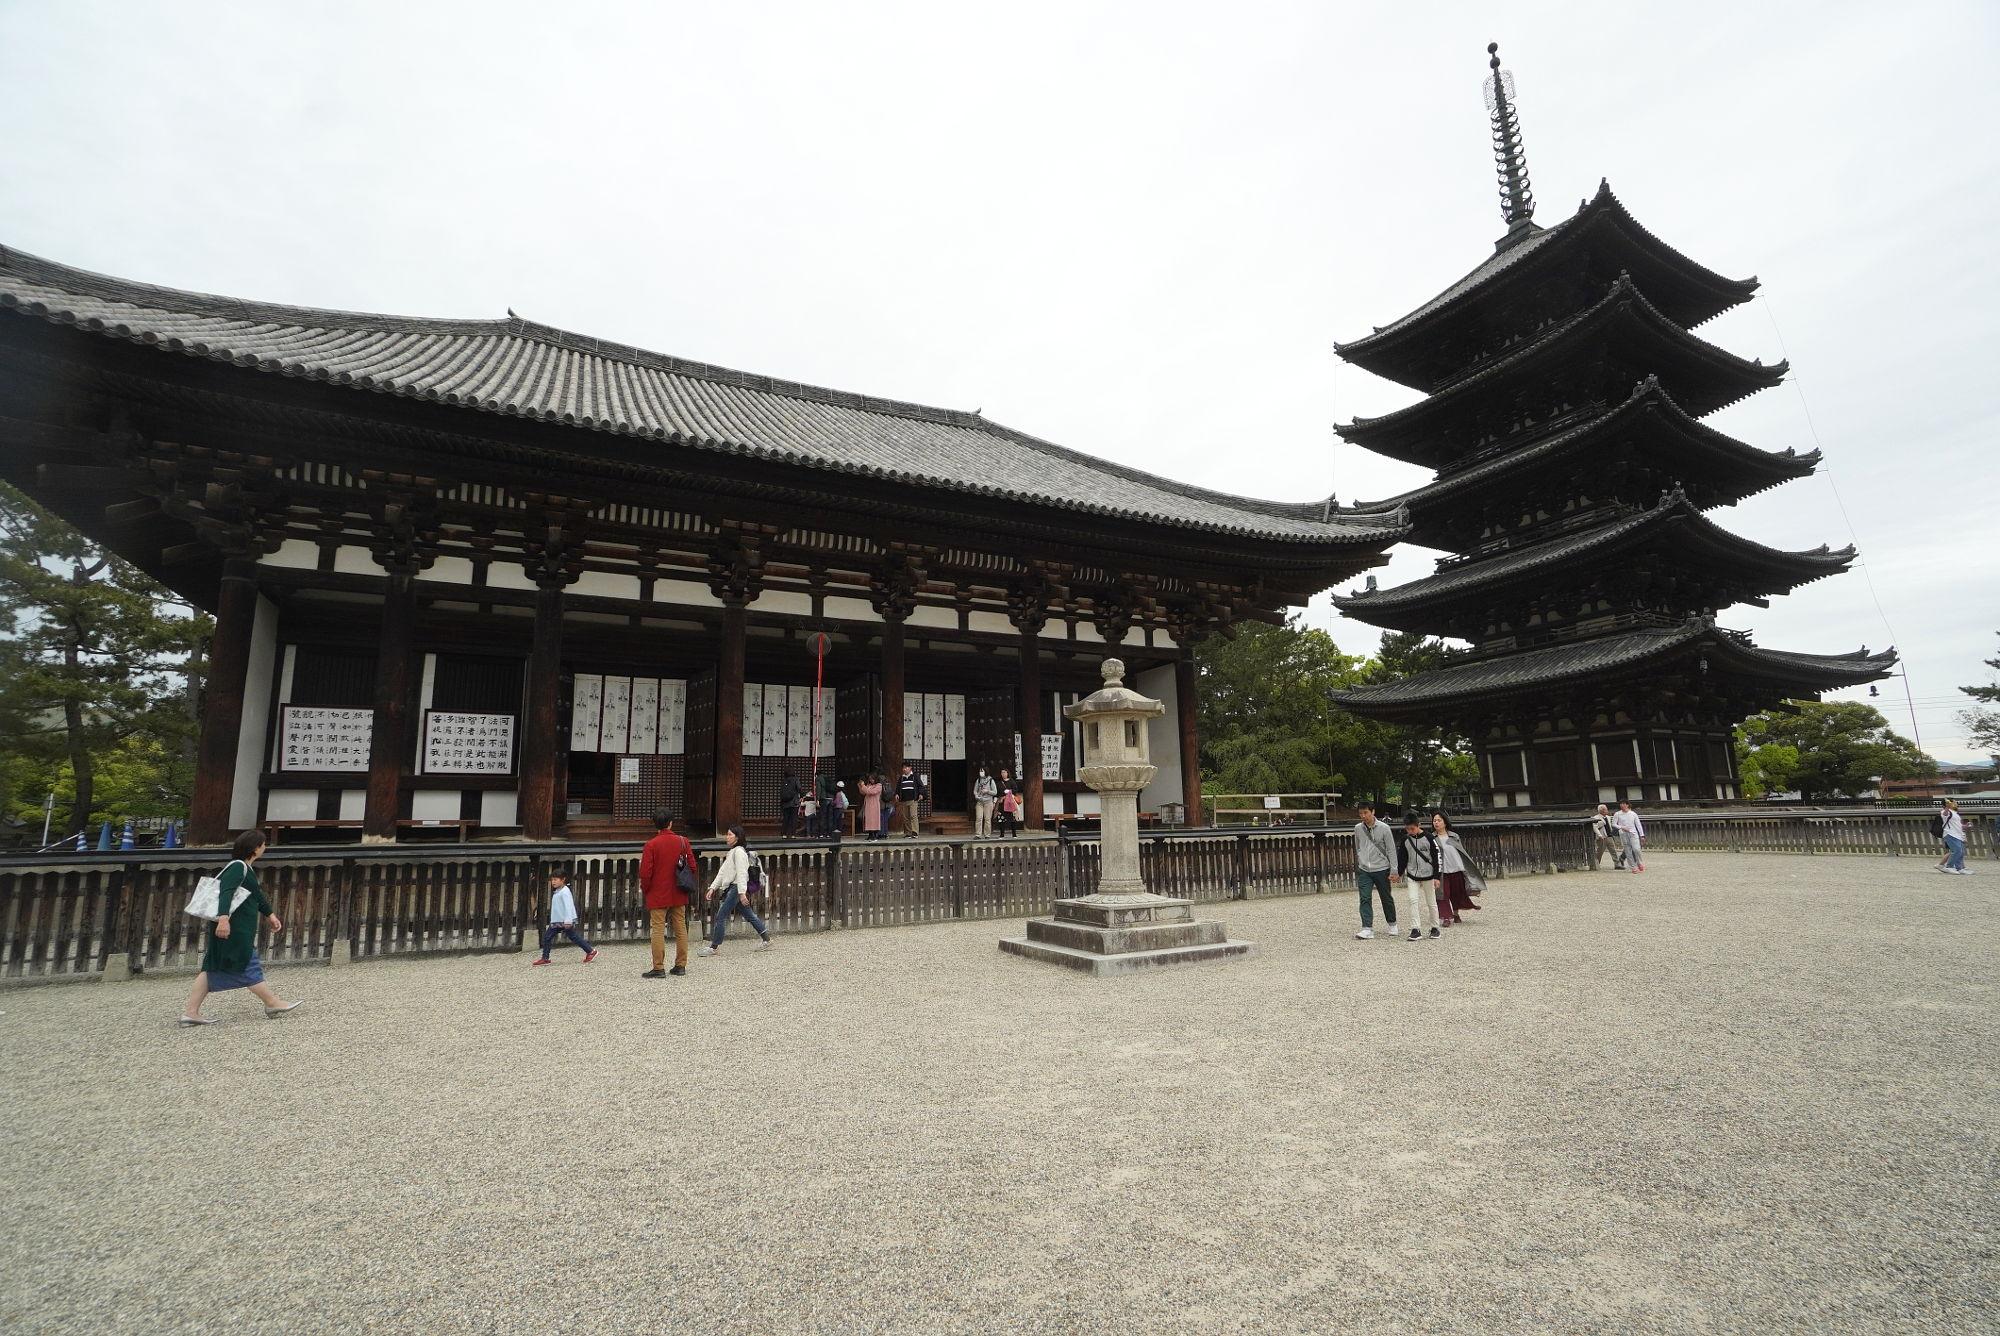 興福寺 東金堂からの五重塔